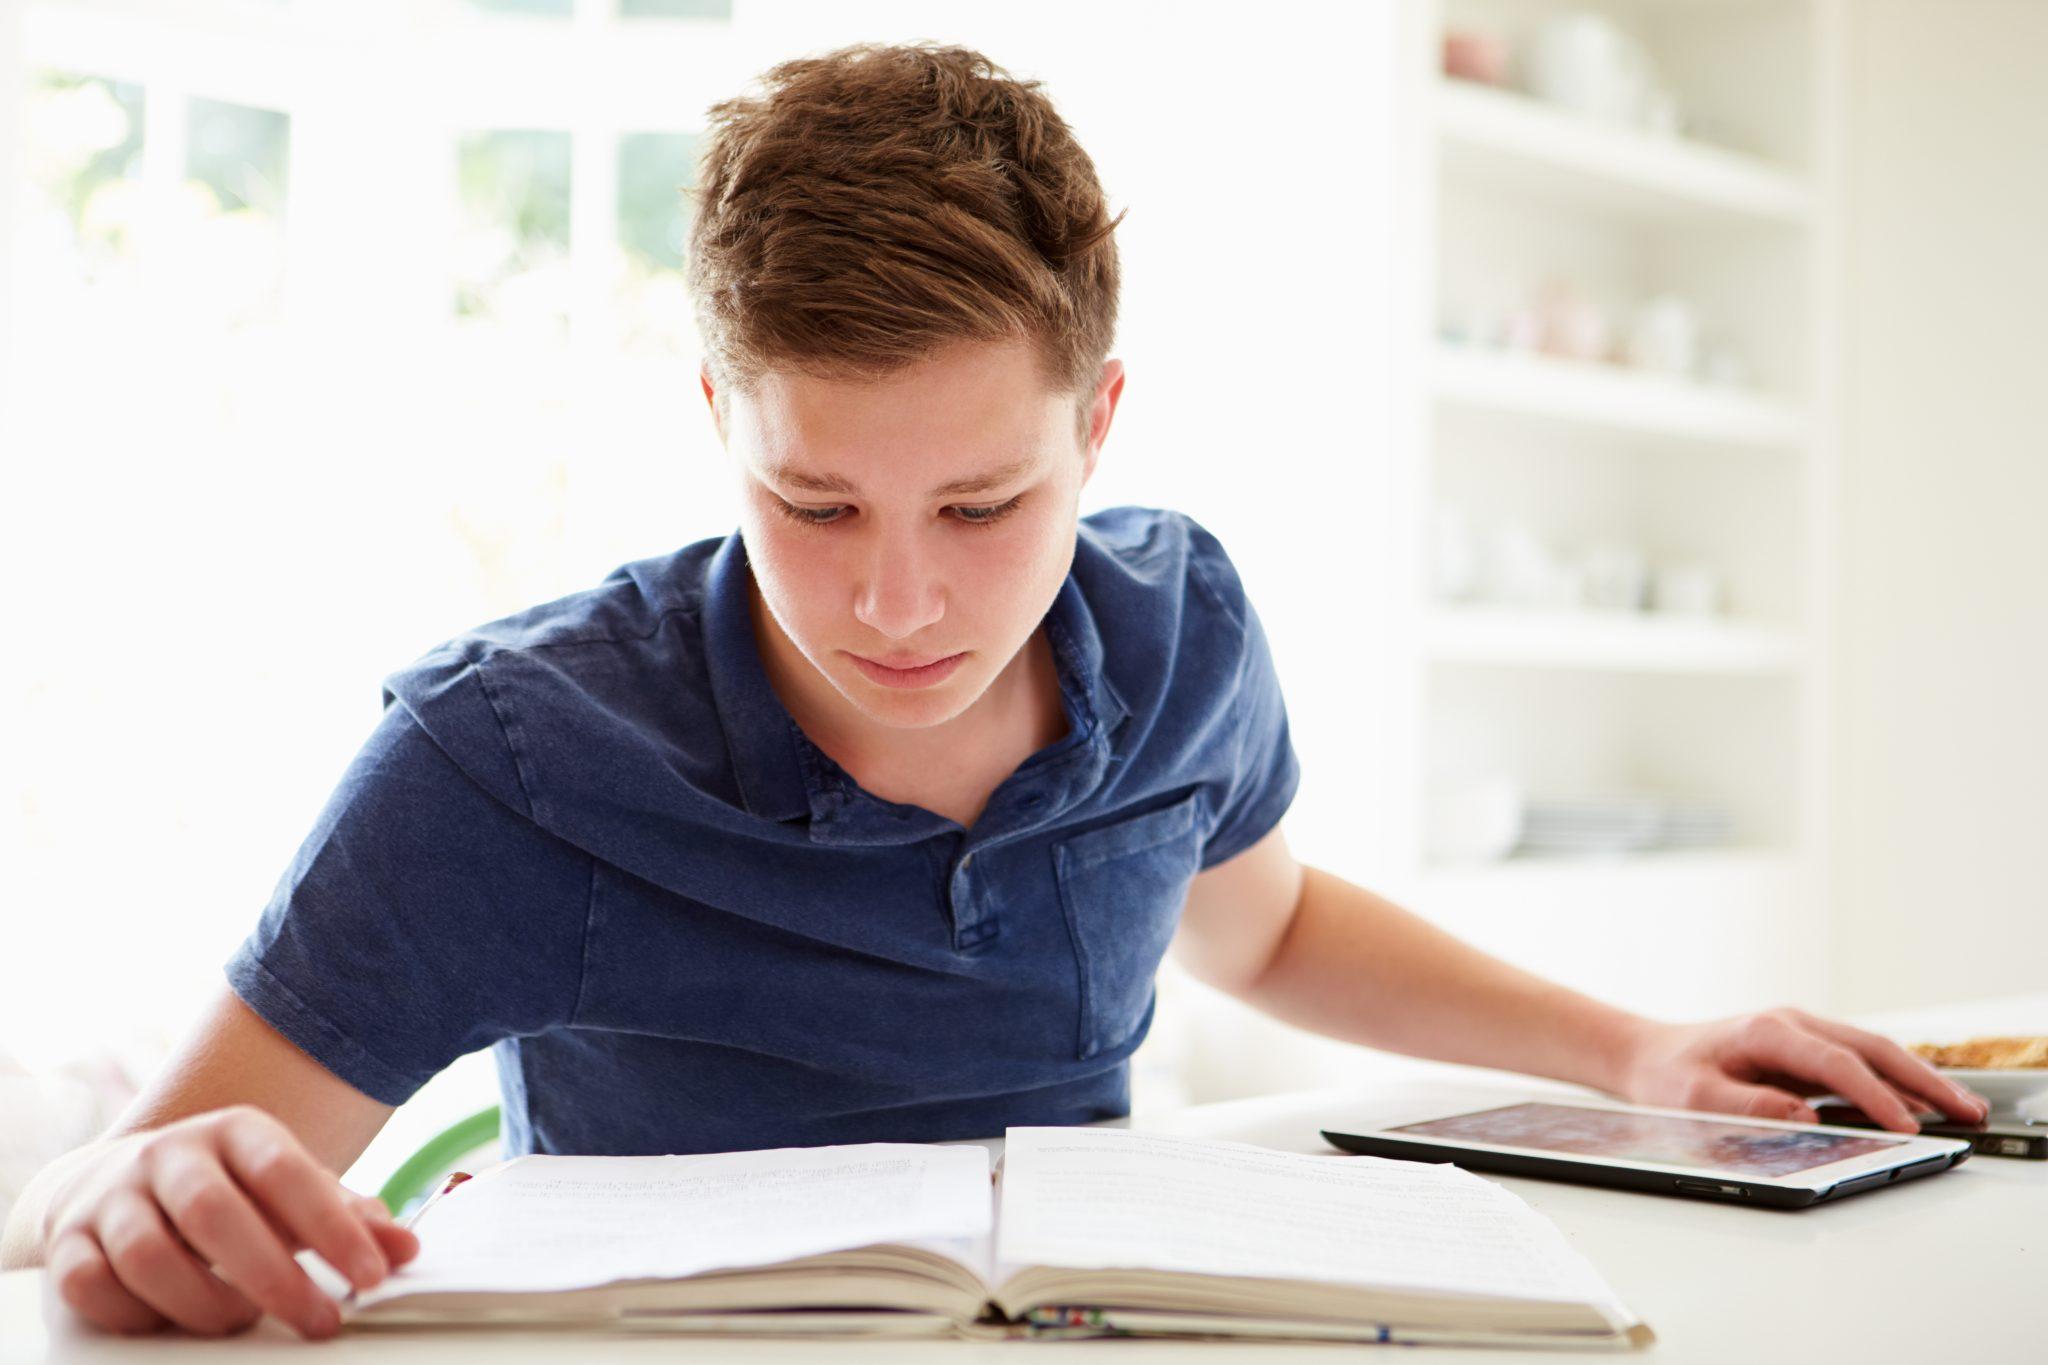 Teenage boy studying